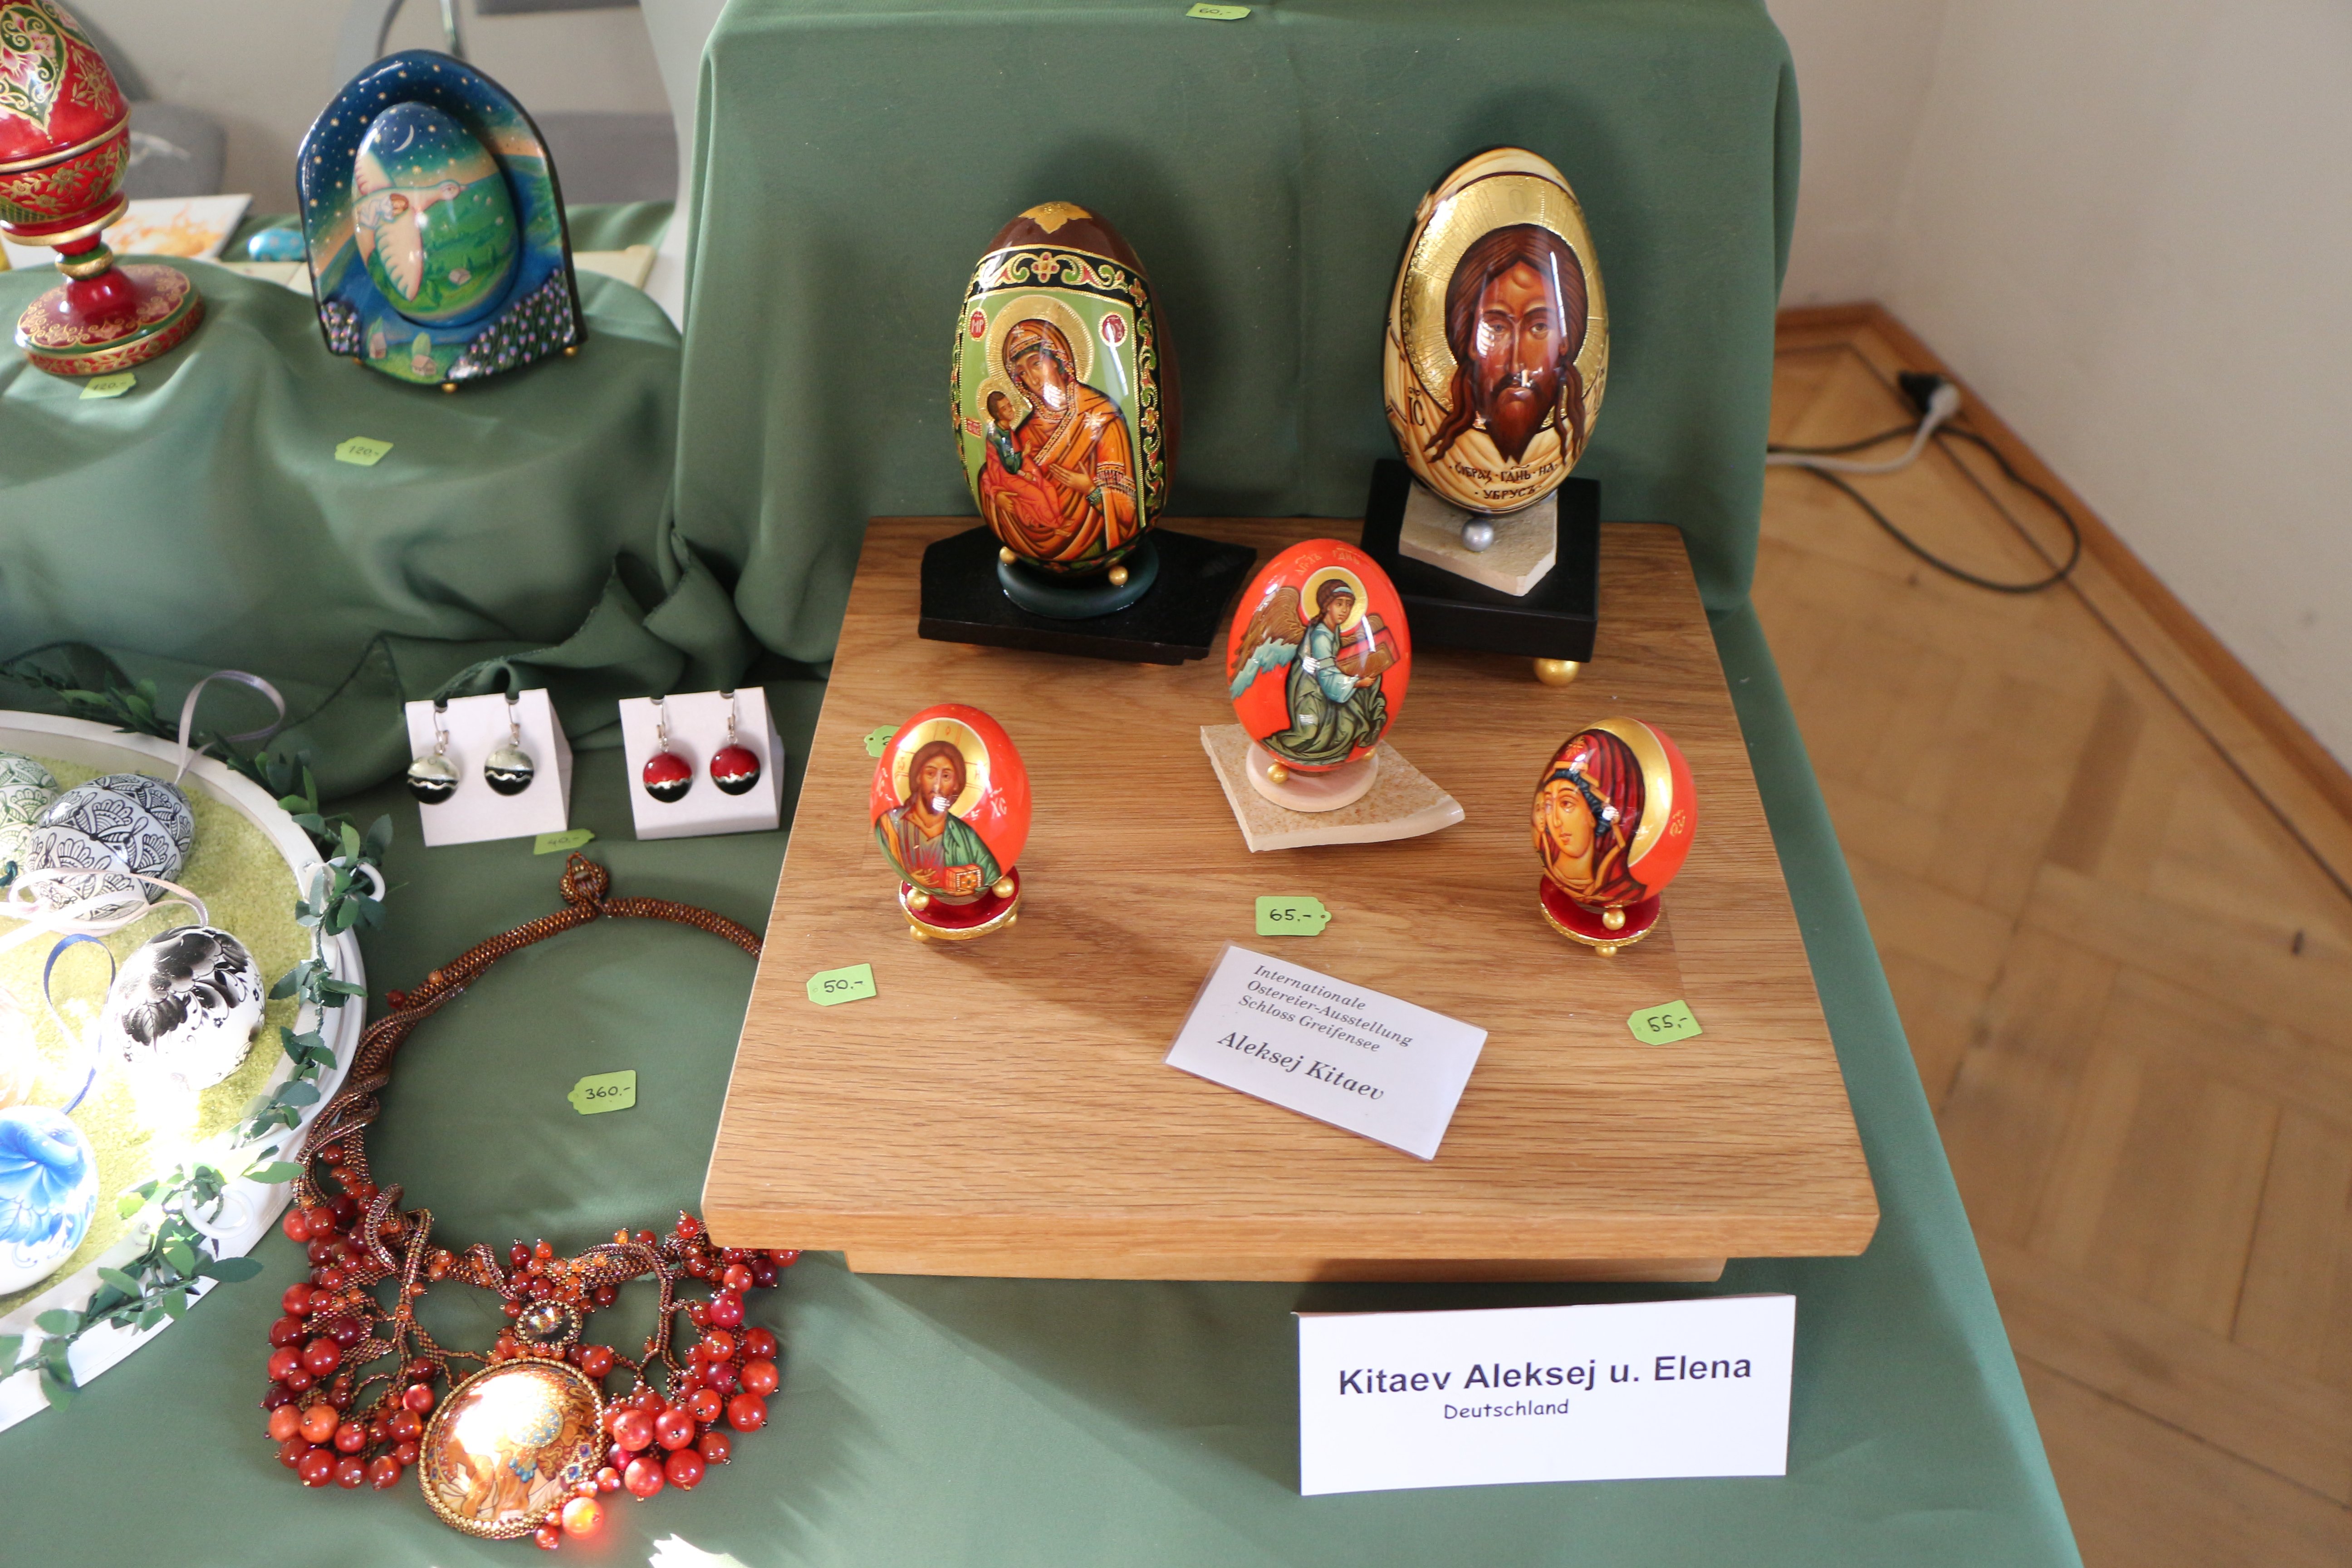 Kitaev Aleksey